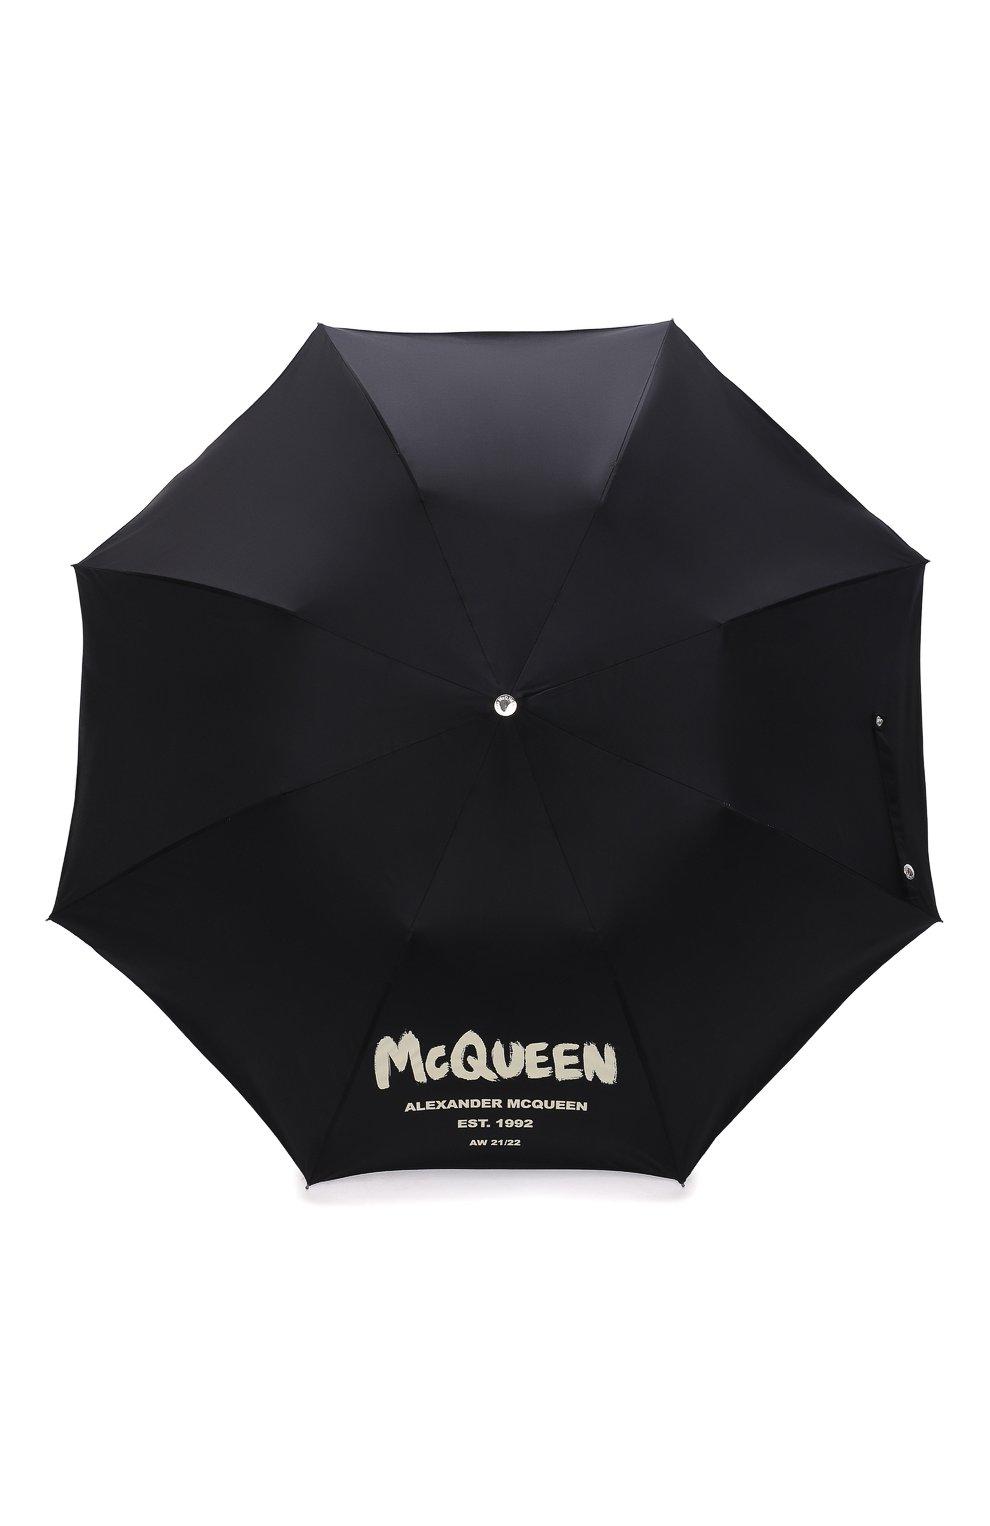 Мужской складной зонт ALEXANDER MCQUEEN черного цвета, арт. 663426/4A71Q   Фото 1 (Материал: Текстиль, Синтетический материал, Металл)